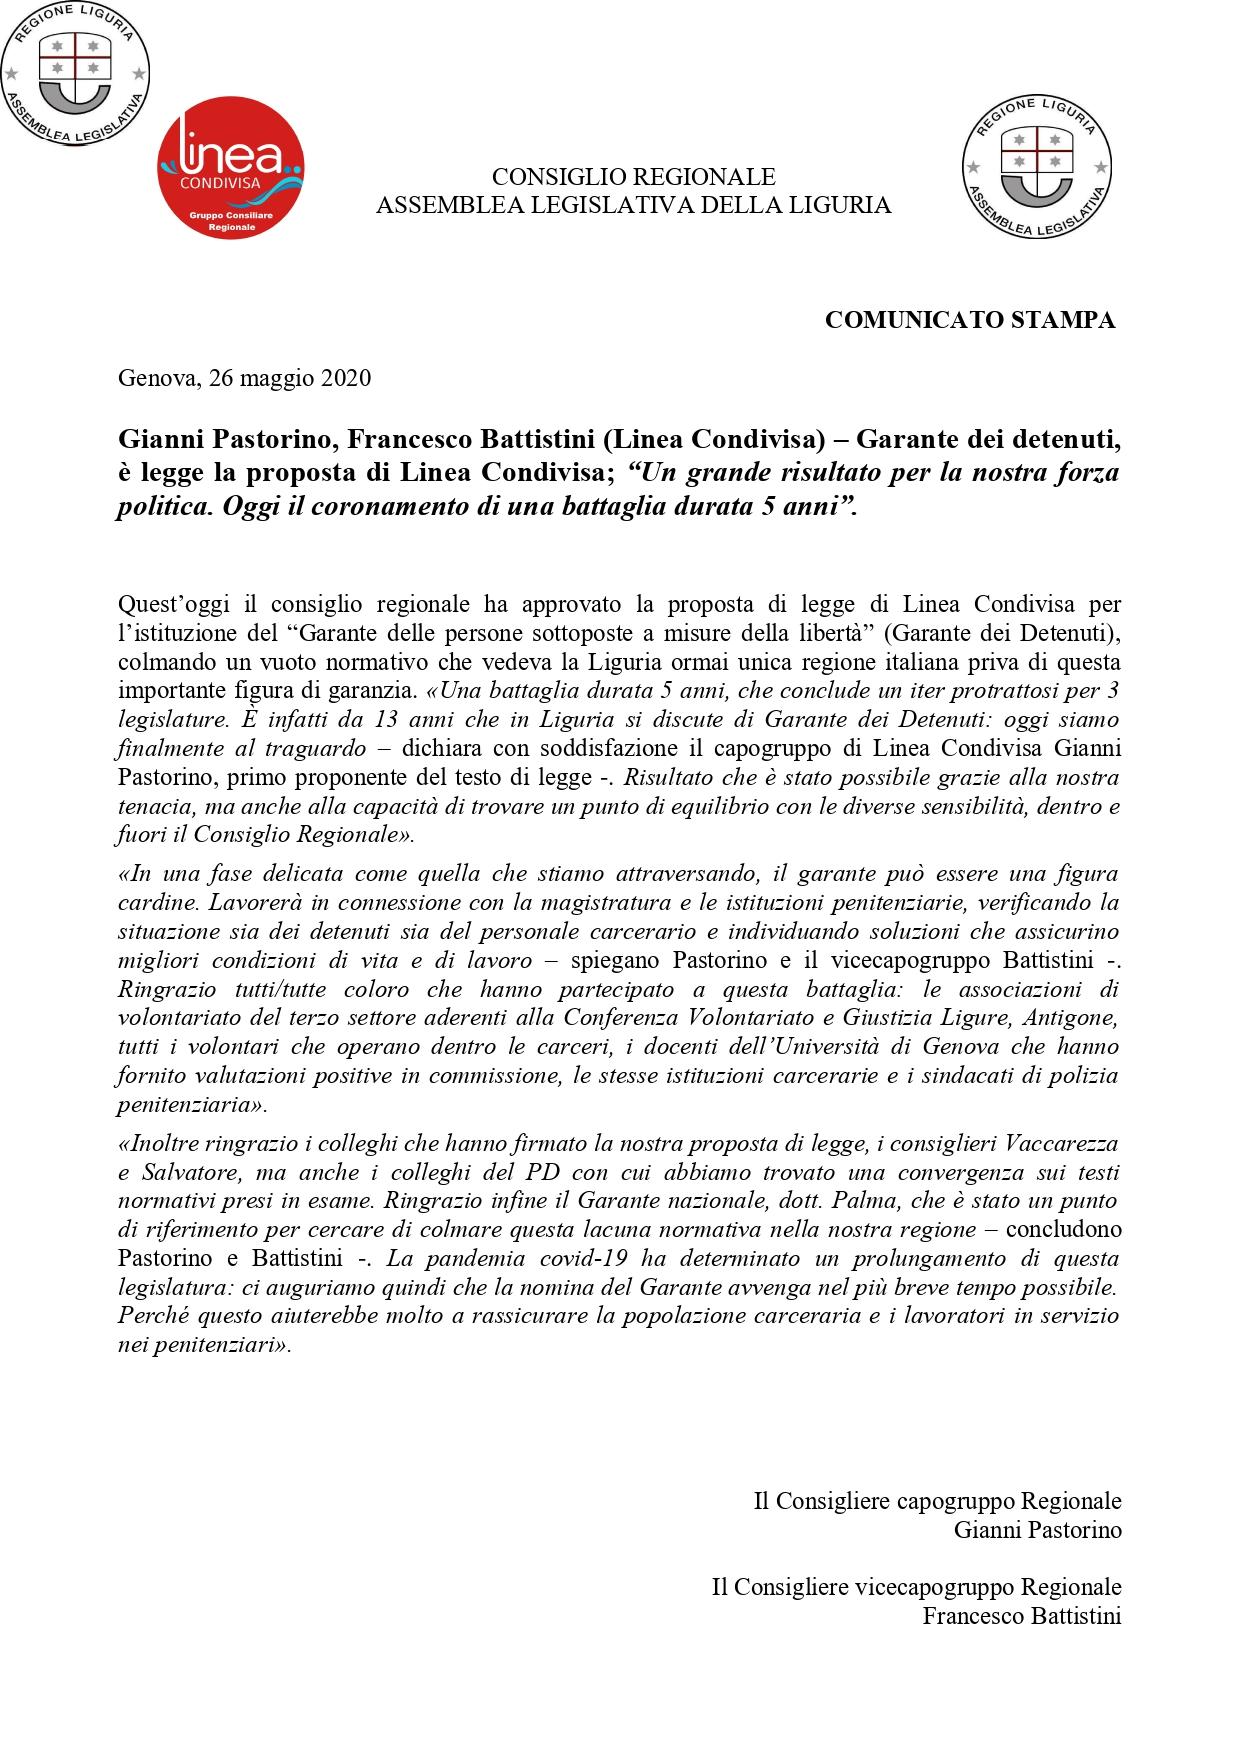 GARANTE DEI DETENUTI LIGURIA E' LEGGE_page-0001